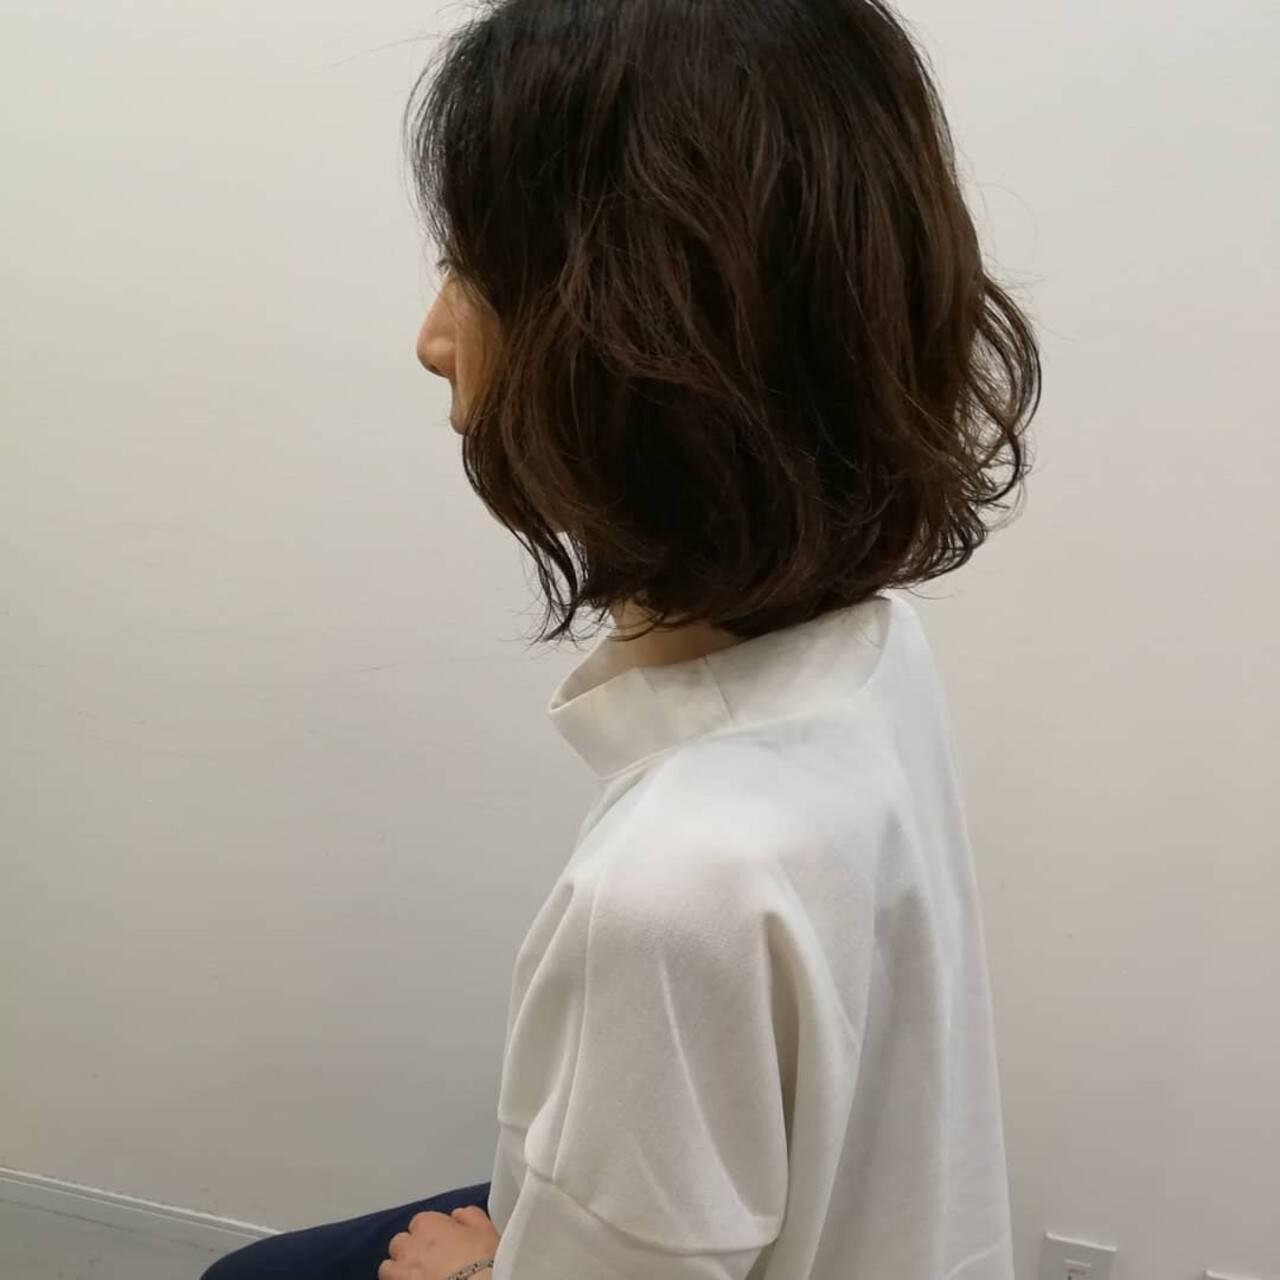 パーマ ナチュラル デジタルパーマ ゆるふわパーマヘアスタイルや髪型の写真・画像